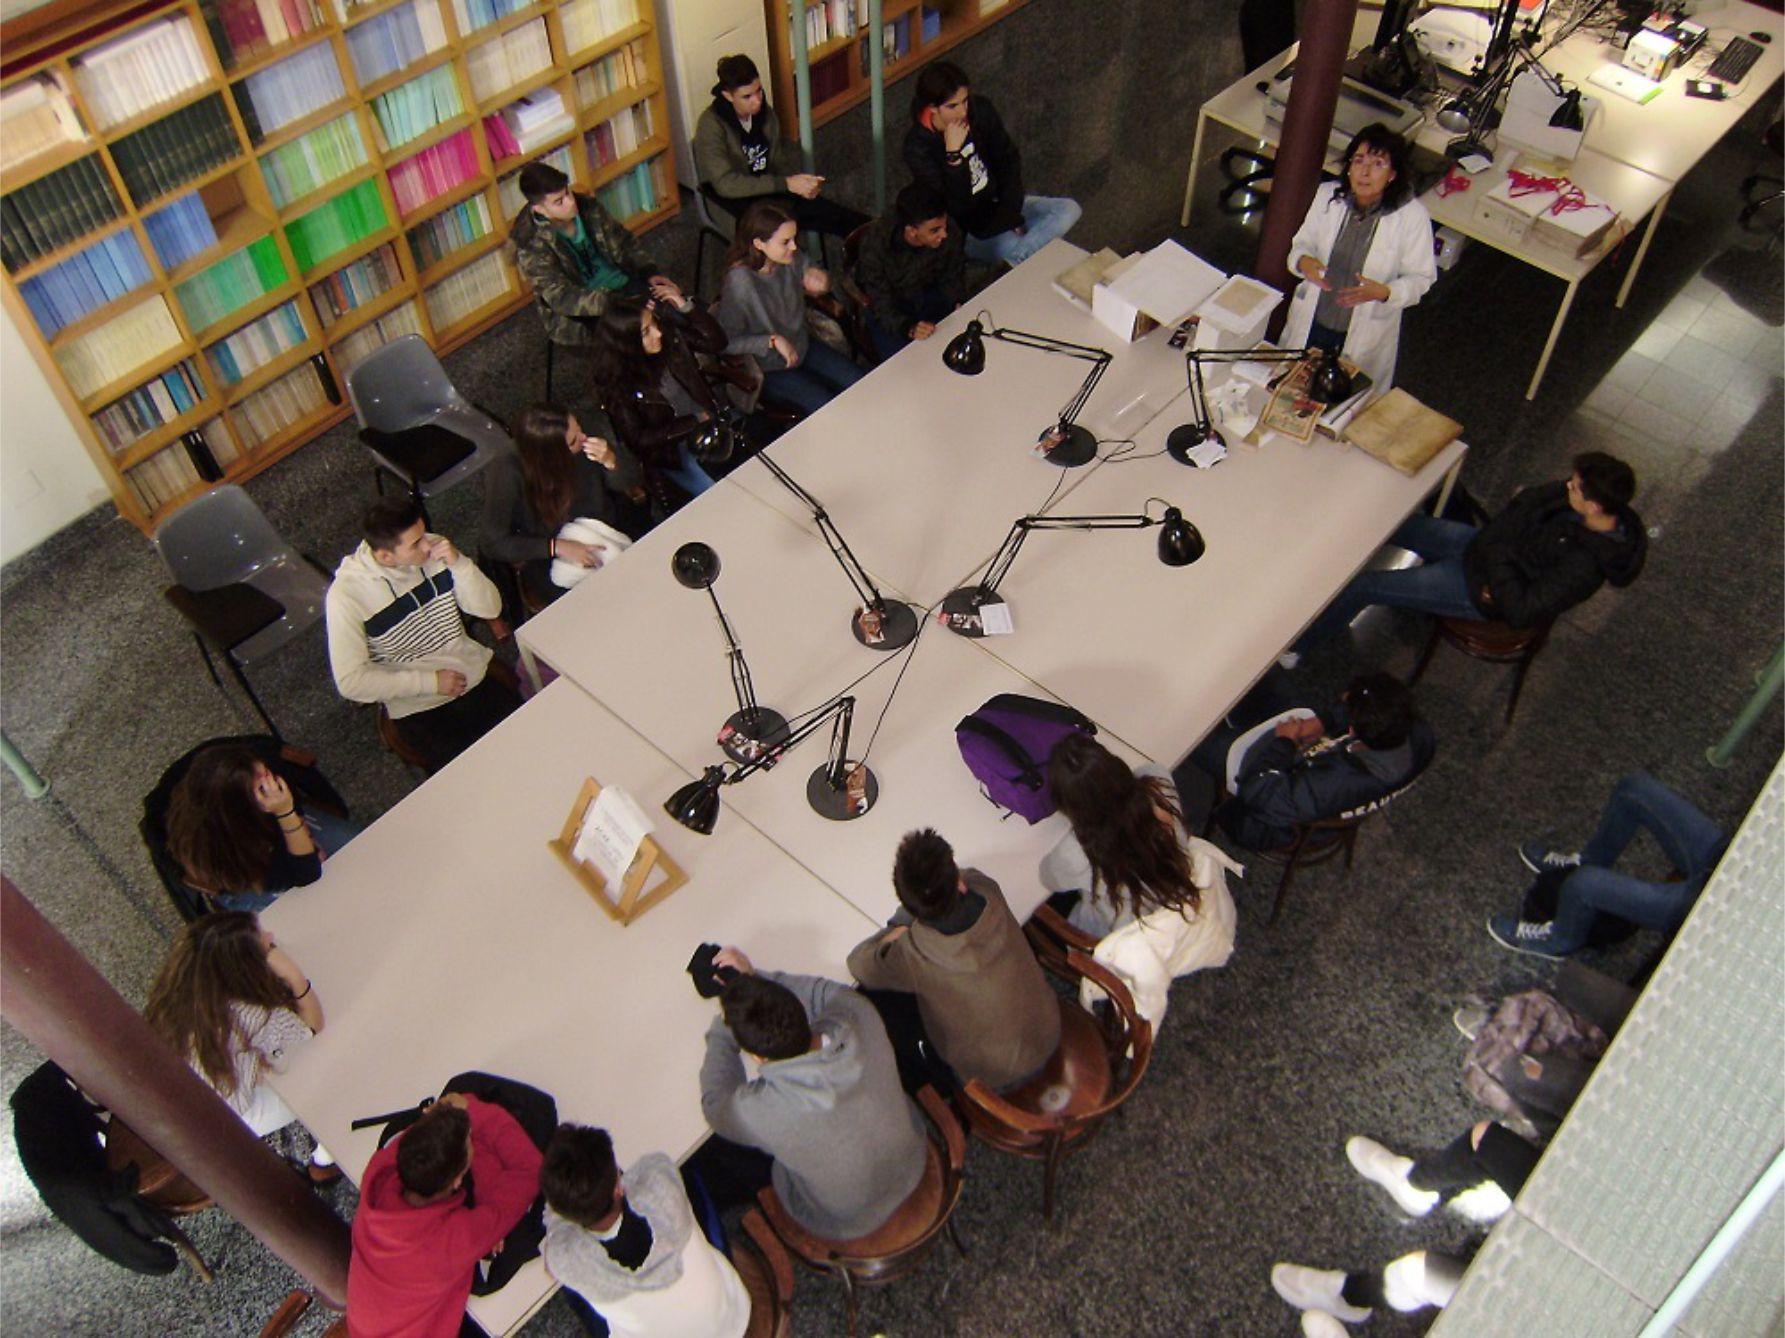 Els alumnes dels instituts figuerencs visiten l'Arxiu Comarcal per conèixer de prop aquest equipament cultural